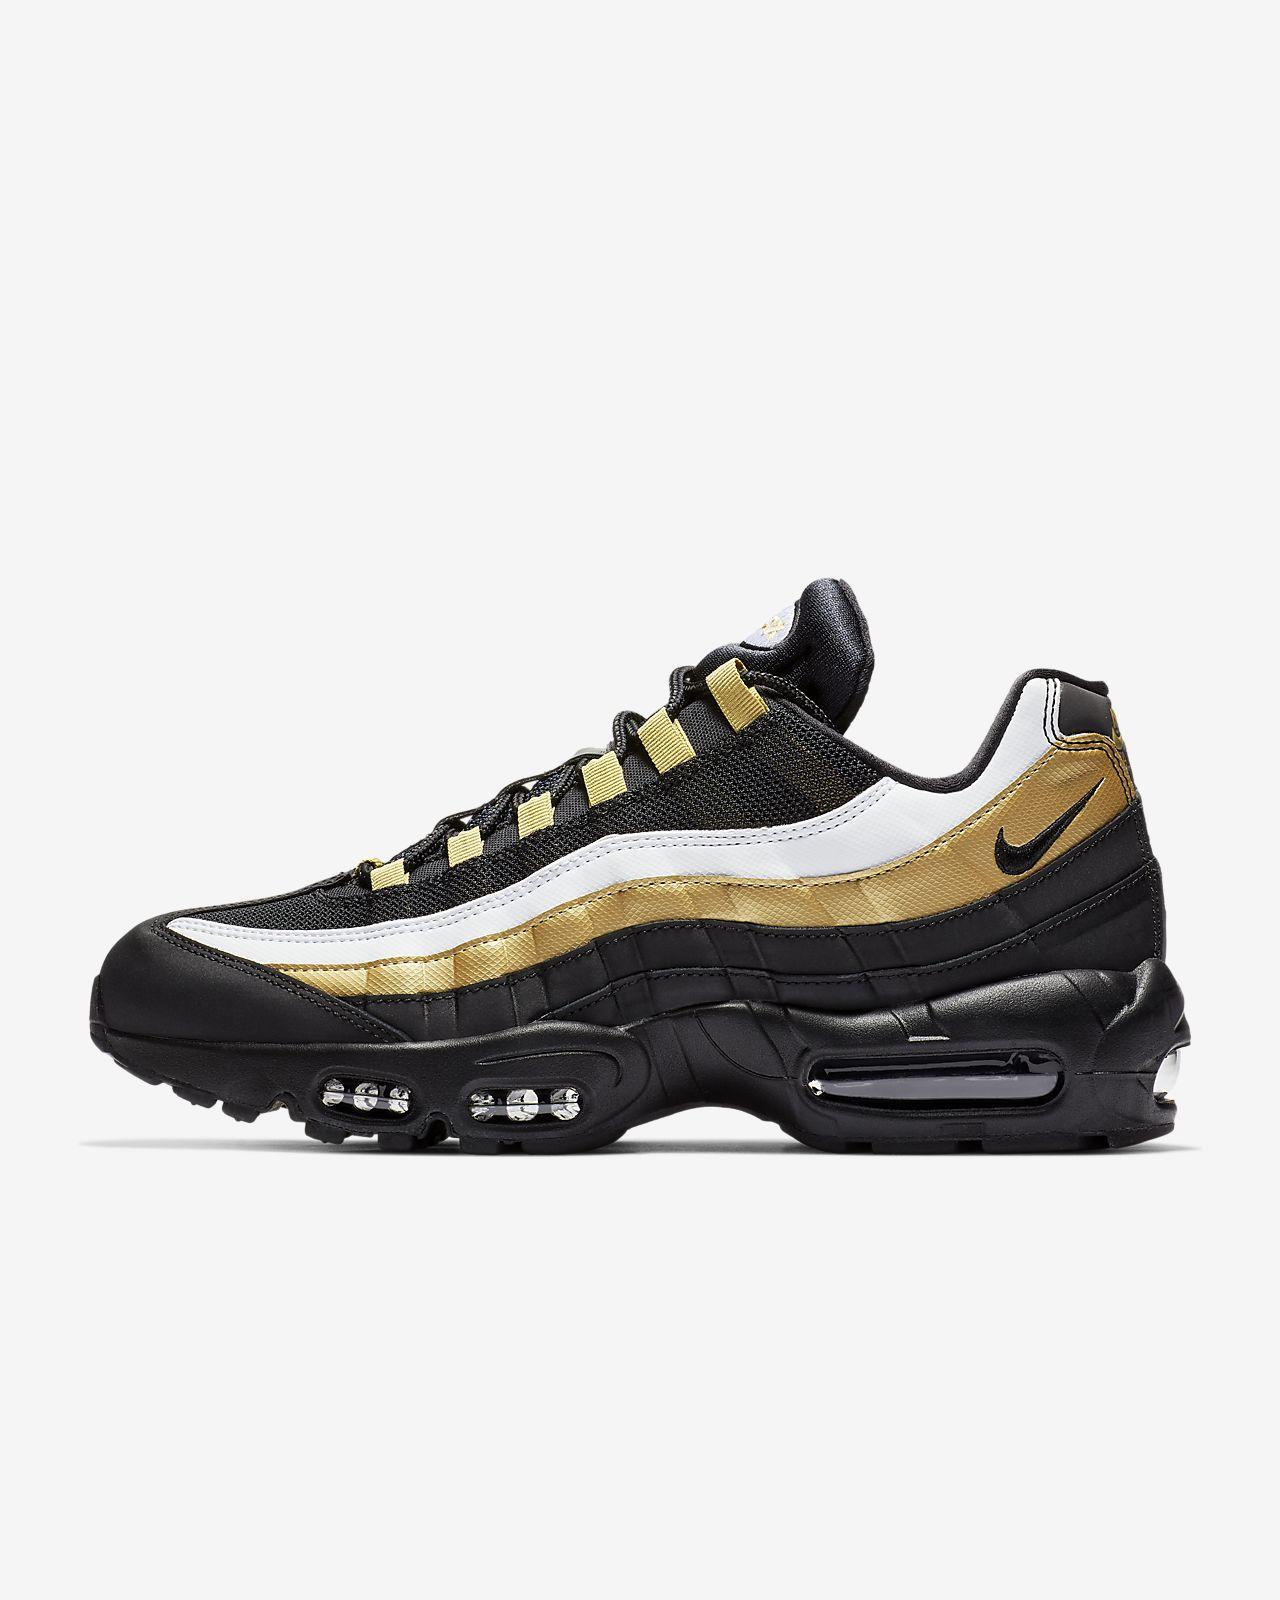 79b6b048d1 Nike Air Max 95 OG Shoe. Nike.com DK